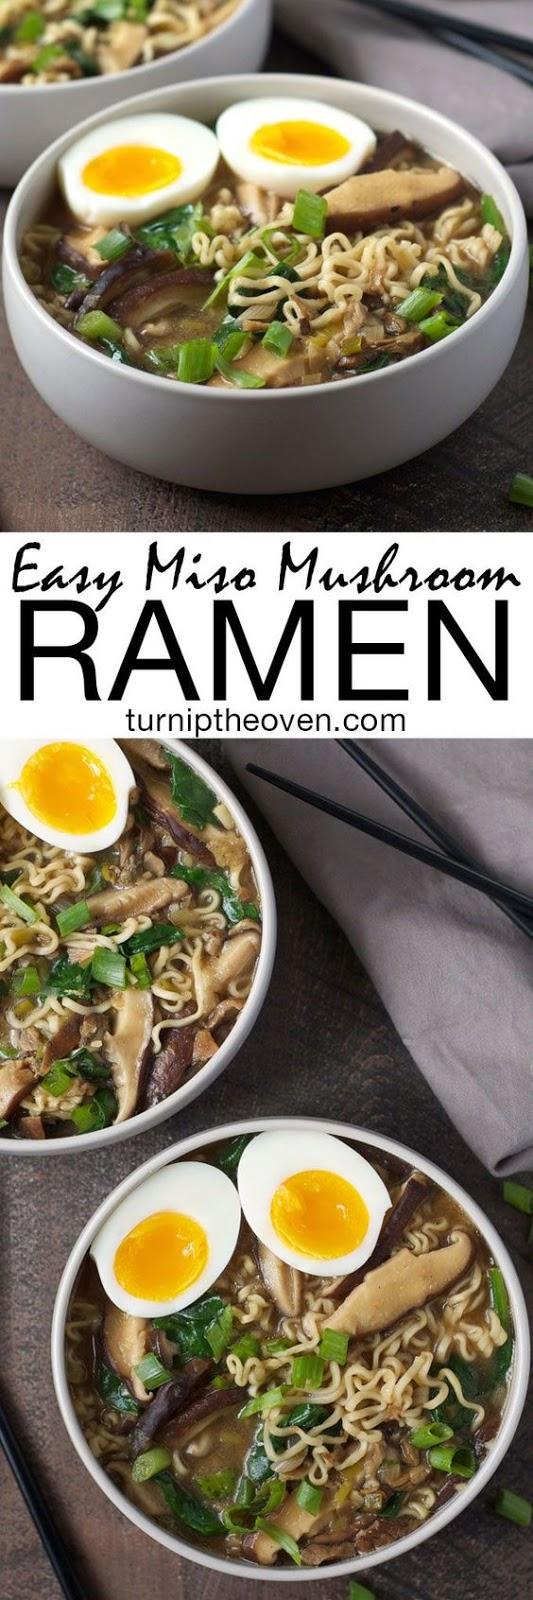 Easy Miso Mushroom Ramen